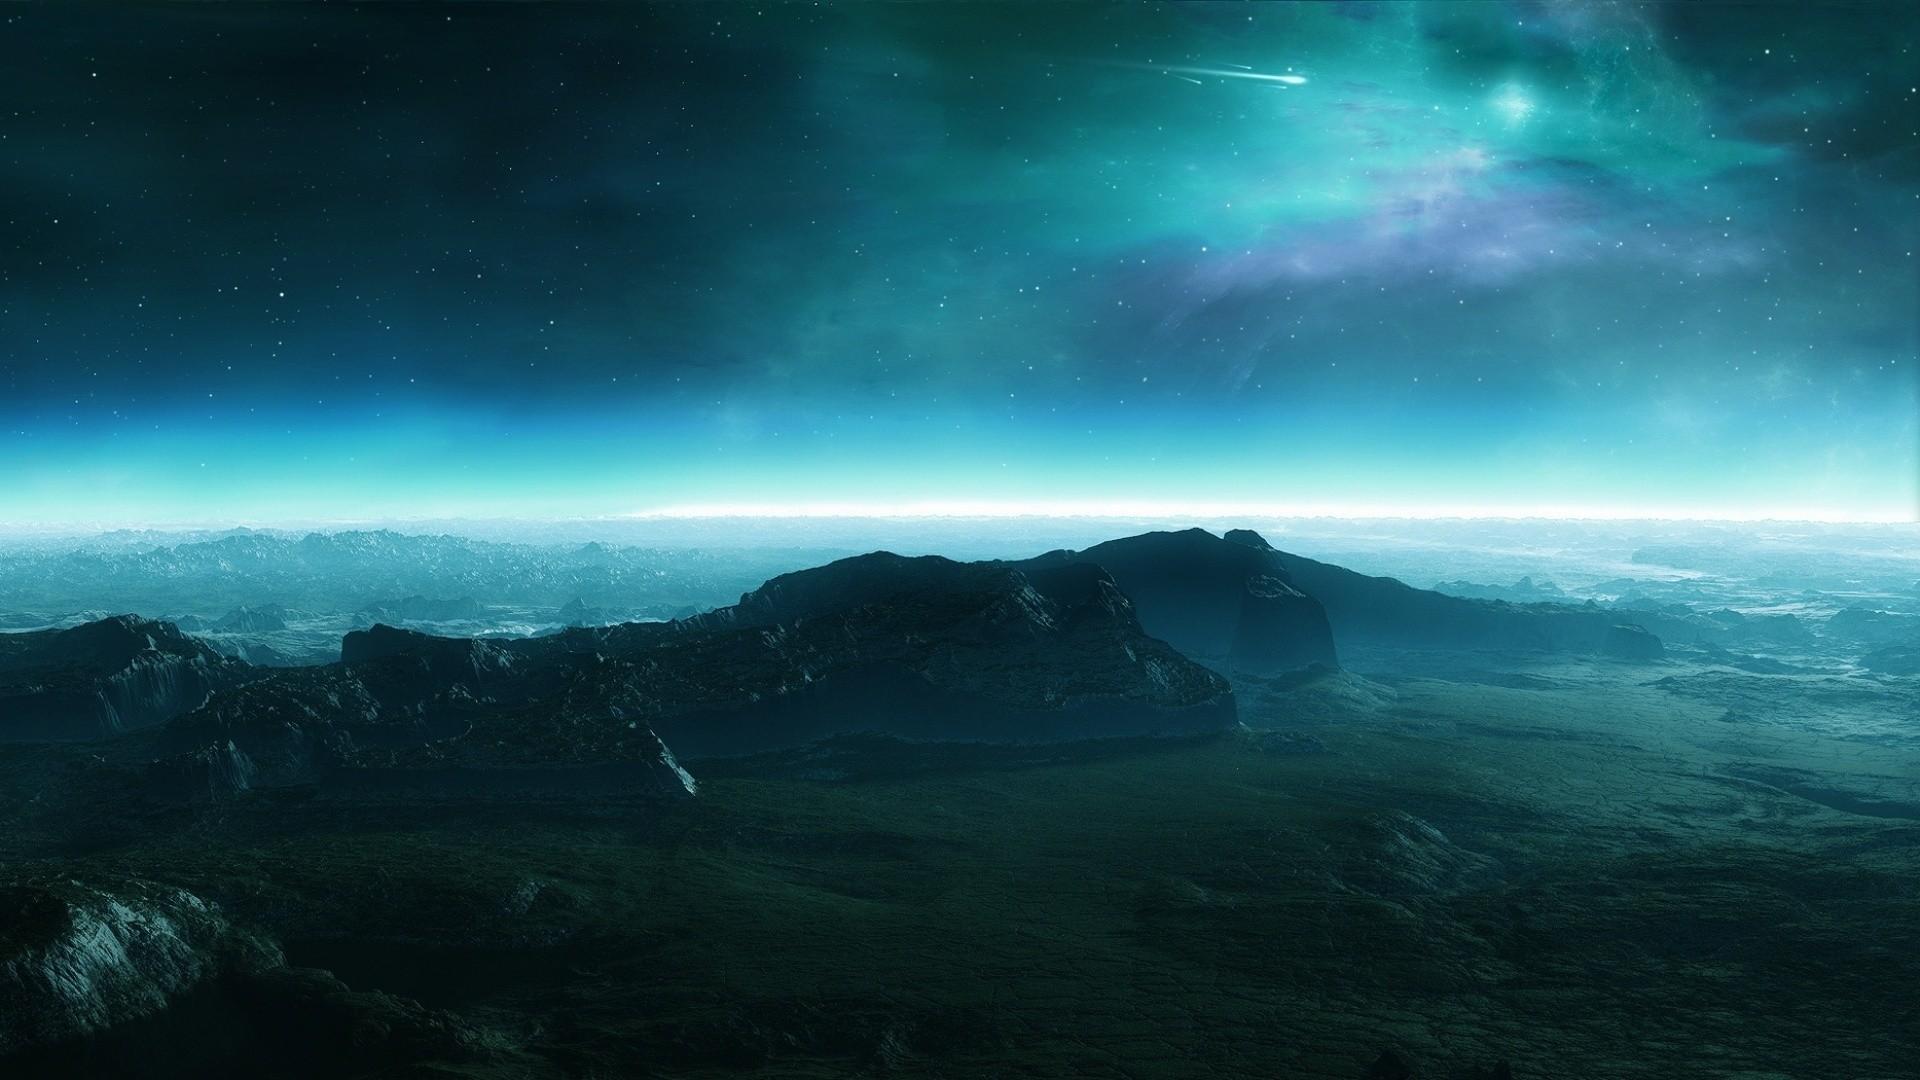 Res: 1920x1080, Alien world landscape